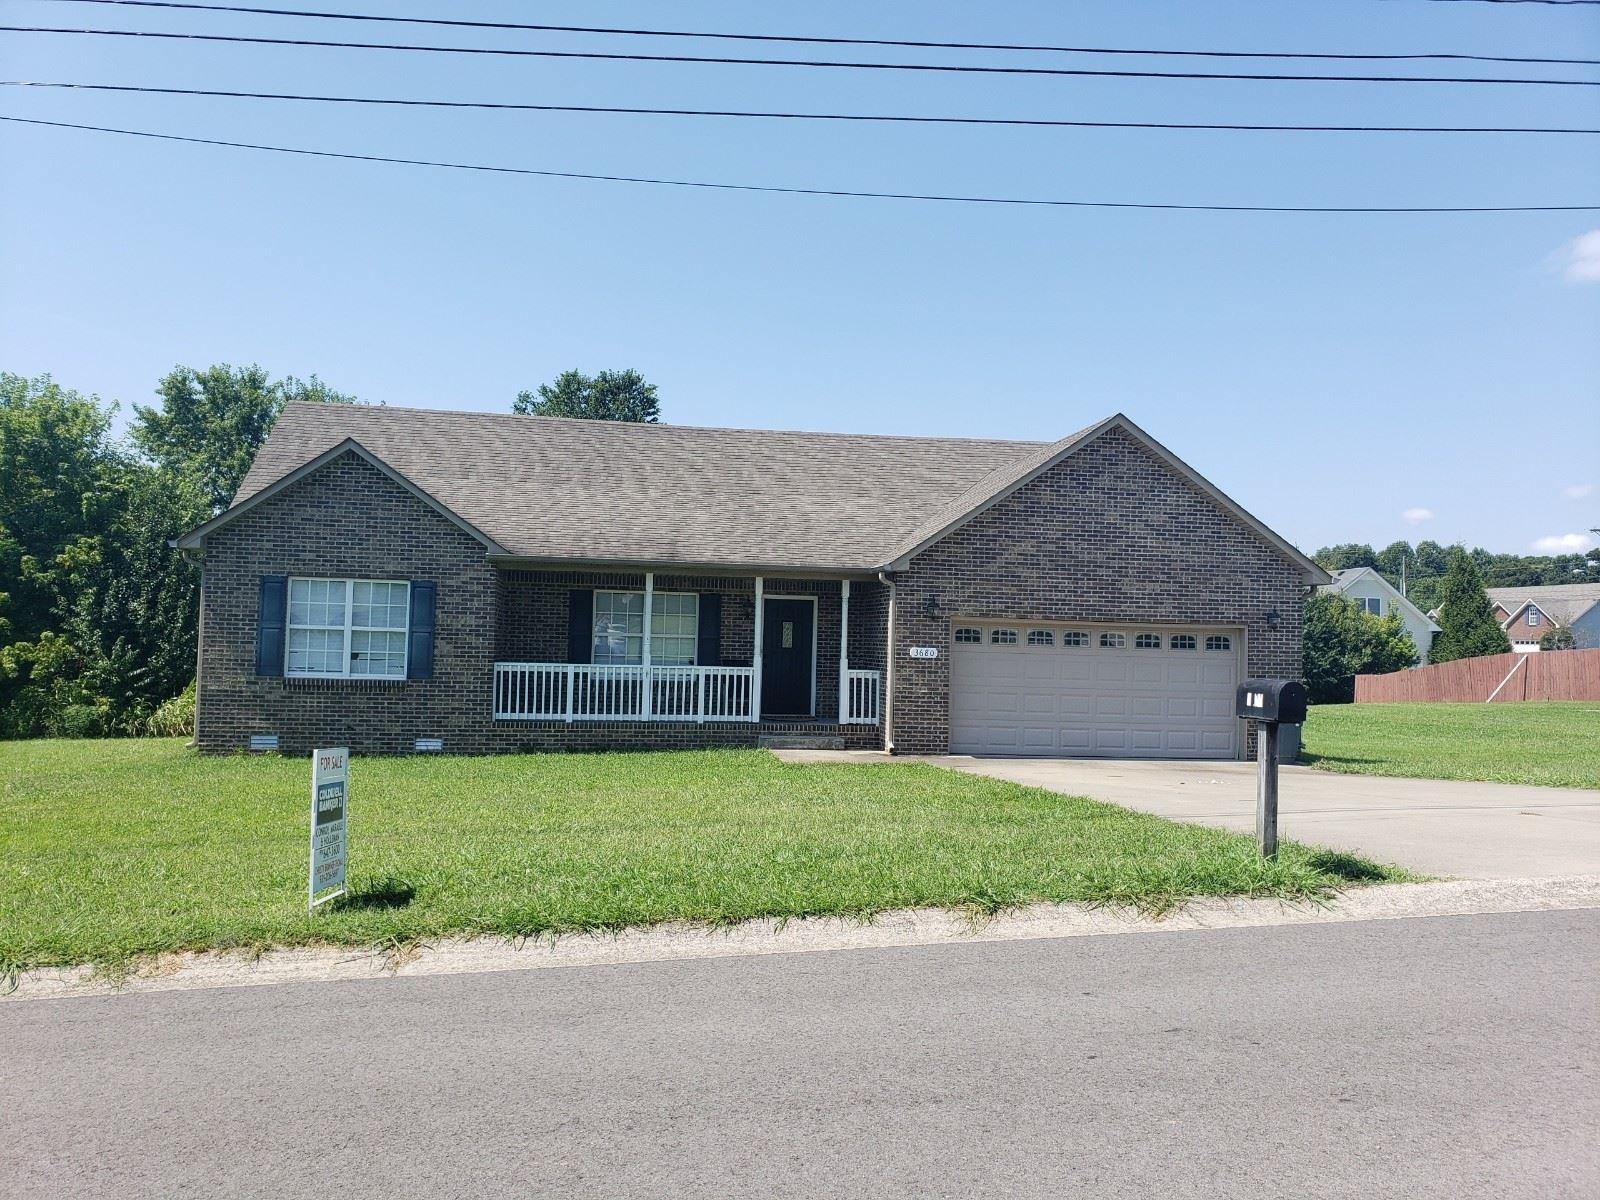 3680 Fieldstone Dr, Clarksville, TN 37040 - MLS#: 2181669